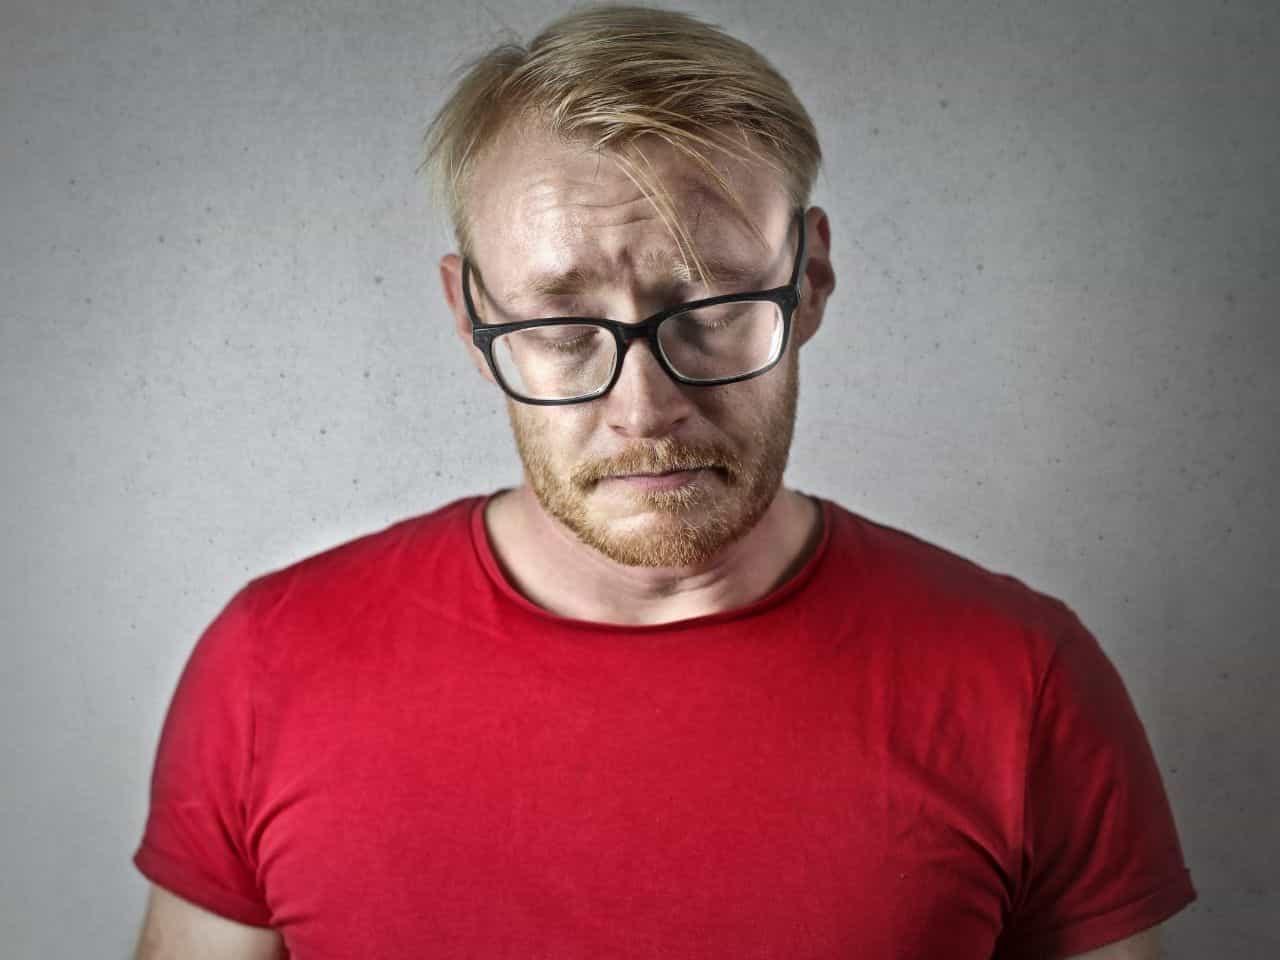 がっかりする赤いシャツを着た男性